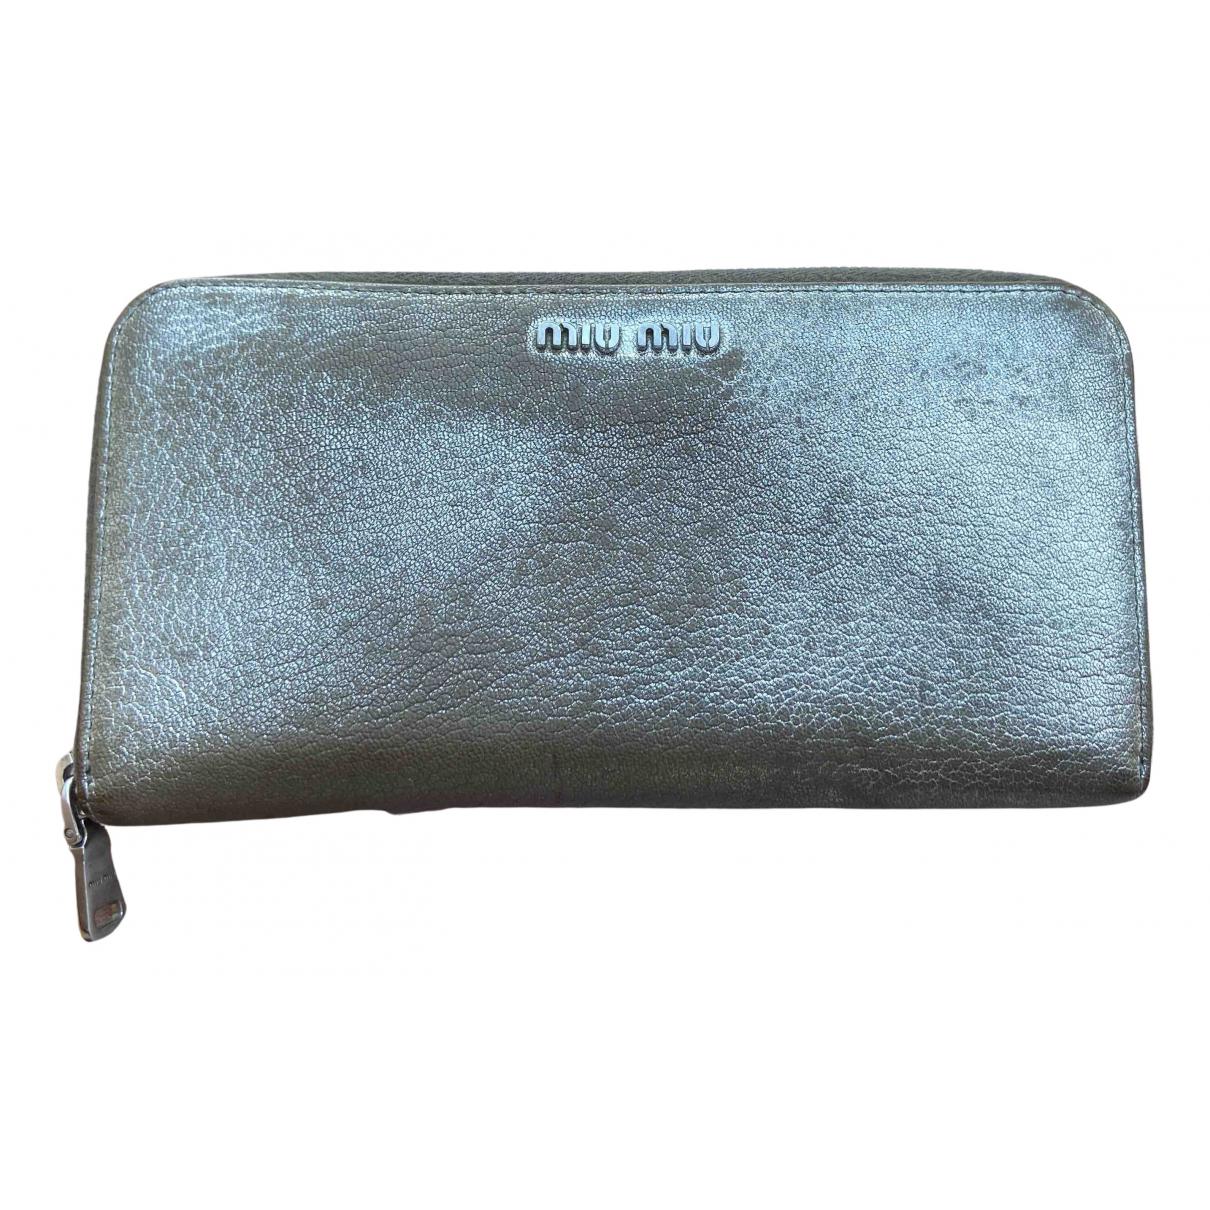 Miu Miu - Portefeuille   pour femme en cuir - argente